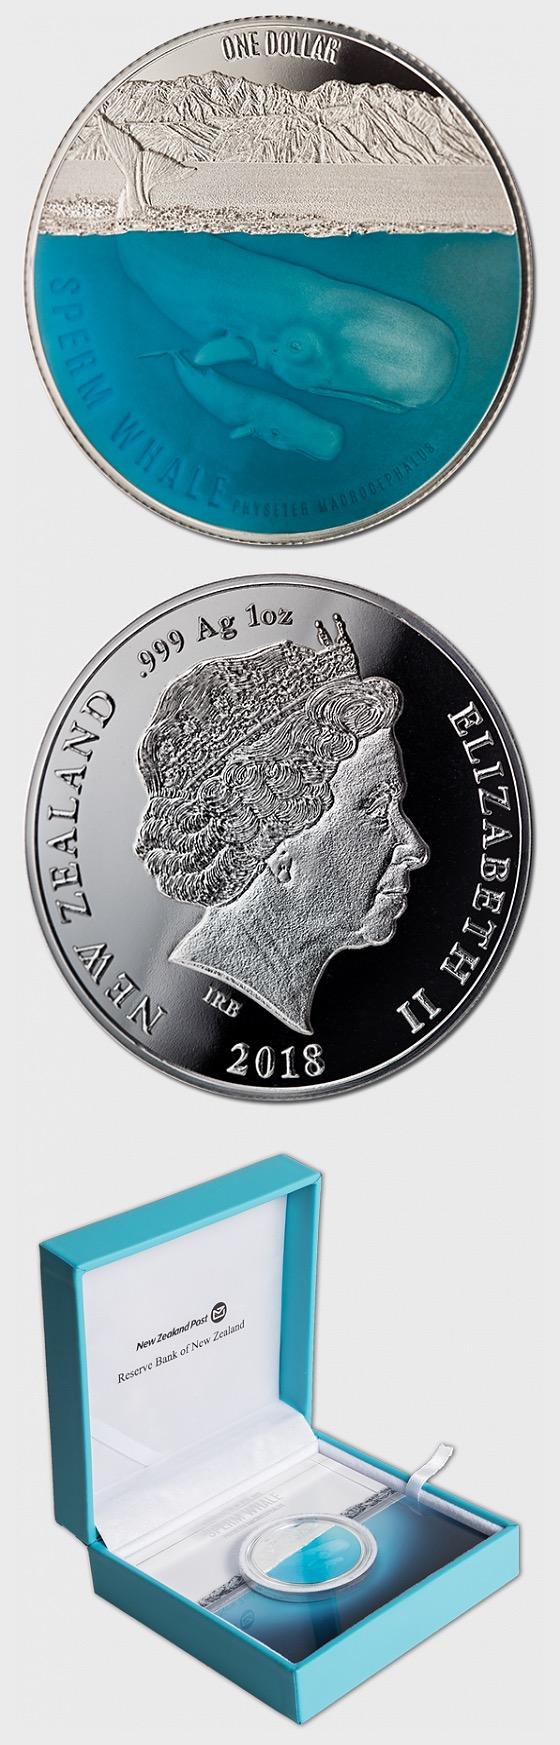 2018 Pottwal-Silber-Beweis-Münze - Silbermünze